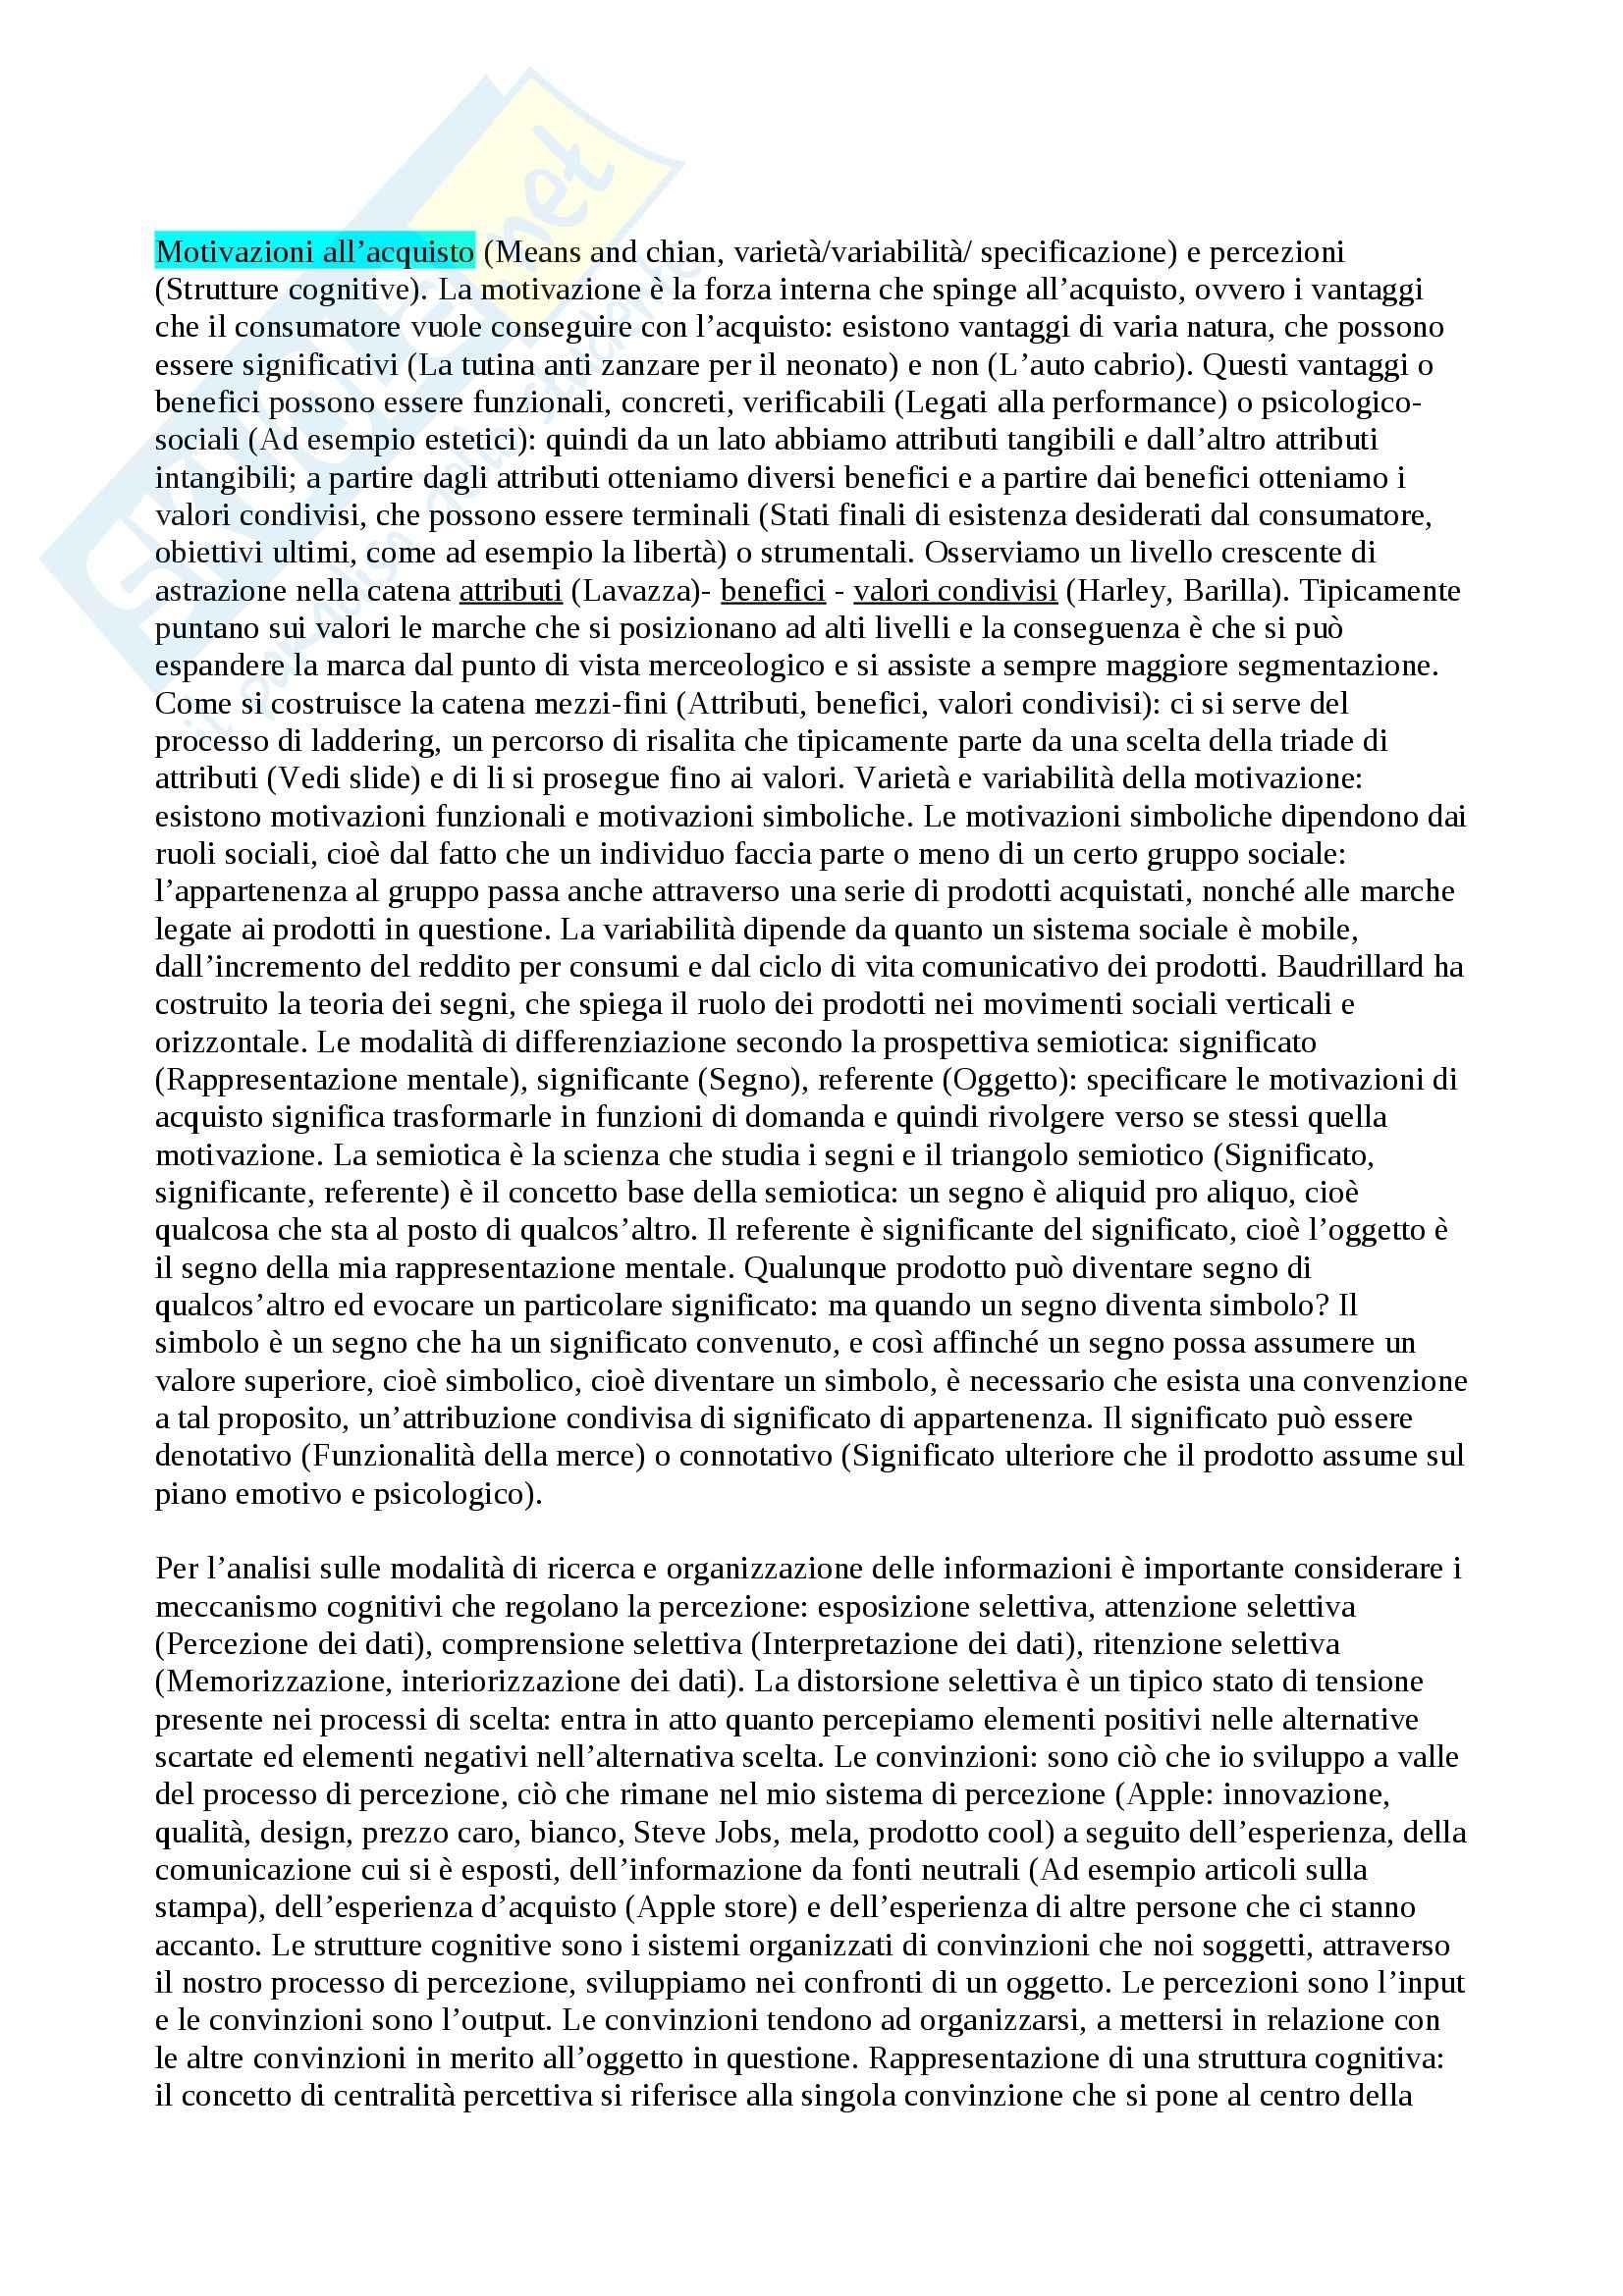 Riassunto esame Understanding Consumer 1, prof. Busacca Pag. 2